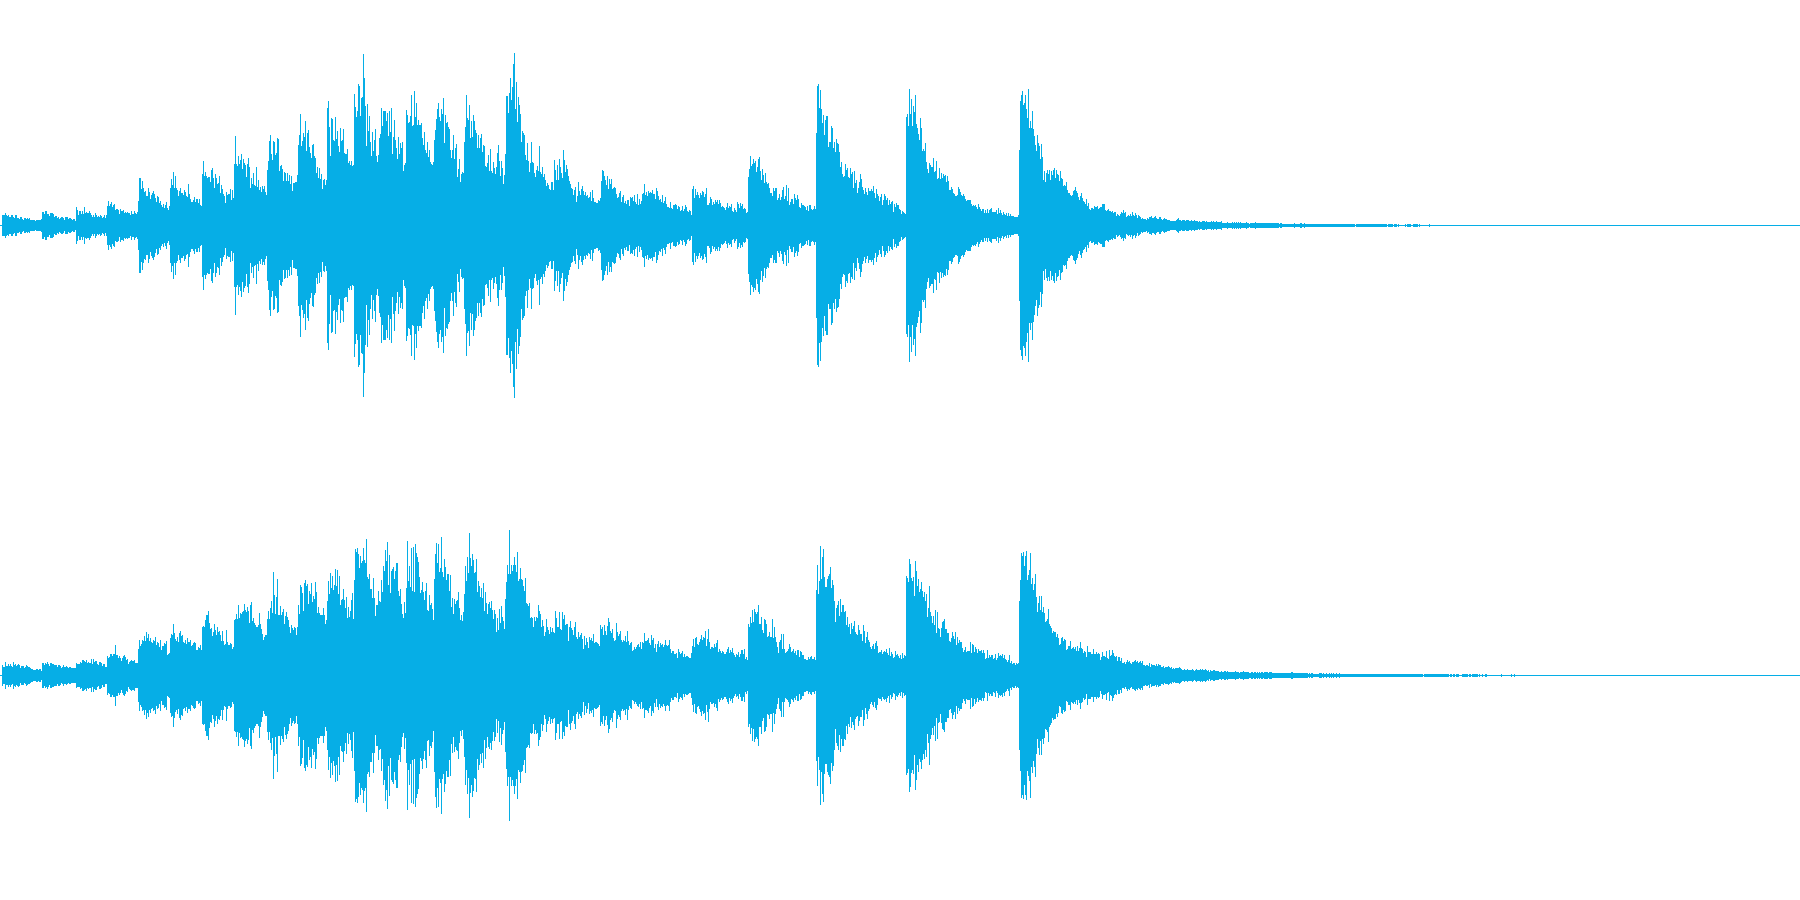 『カンカンカン・・』韓国ドラの抑揚連打音の再生済みの波形